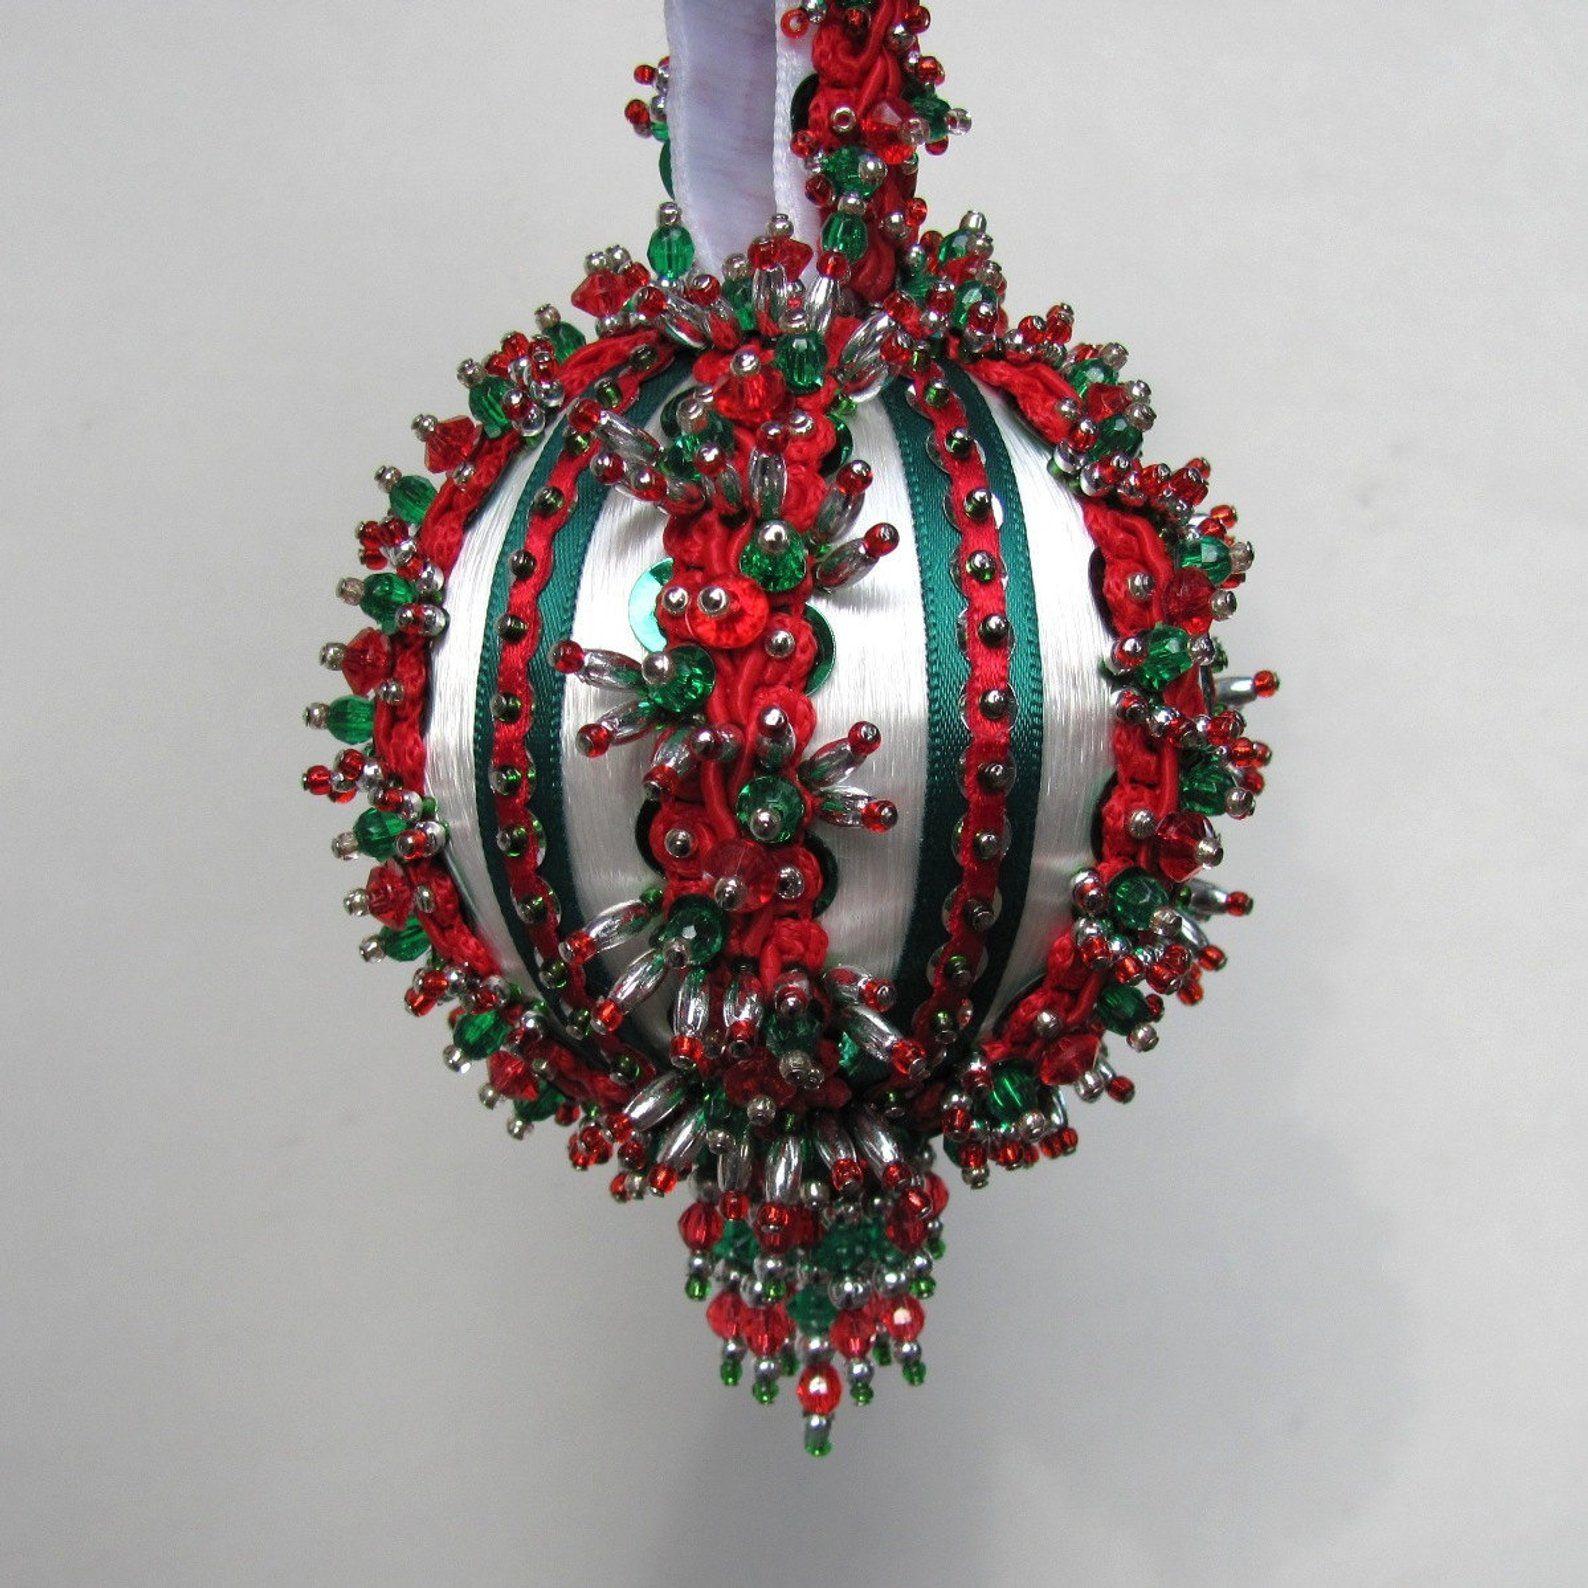 Beaded Christmas Ornament Kit Yuletide Greeting Etsy Christmas Ornaments Handmade Christmas Ornaments Beaded Christmas Ornaments